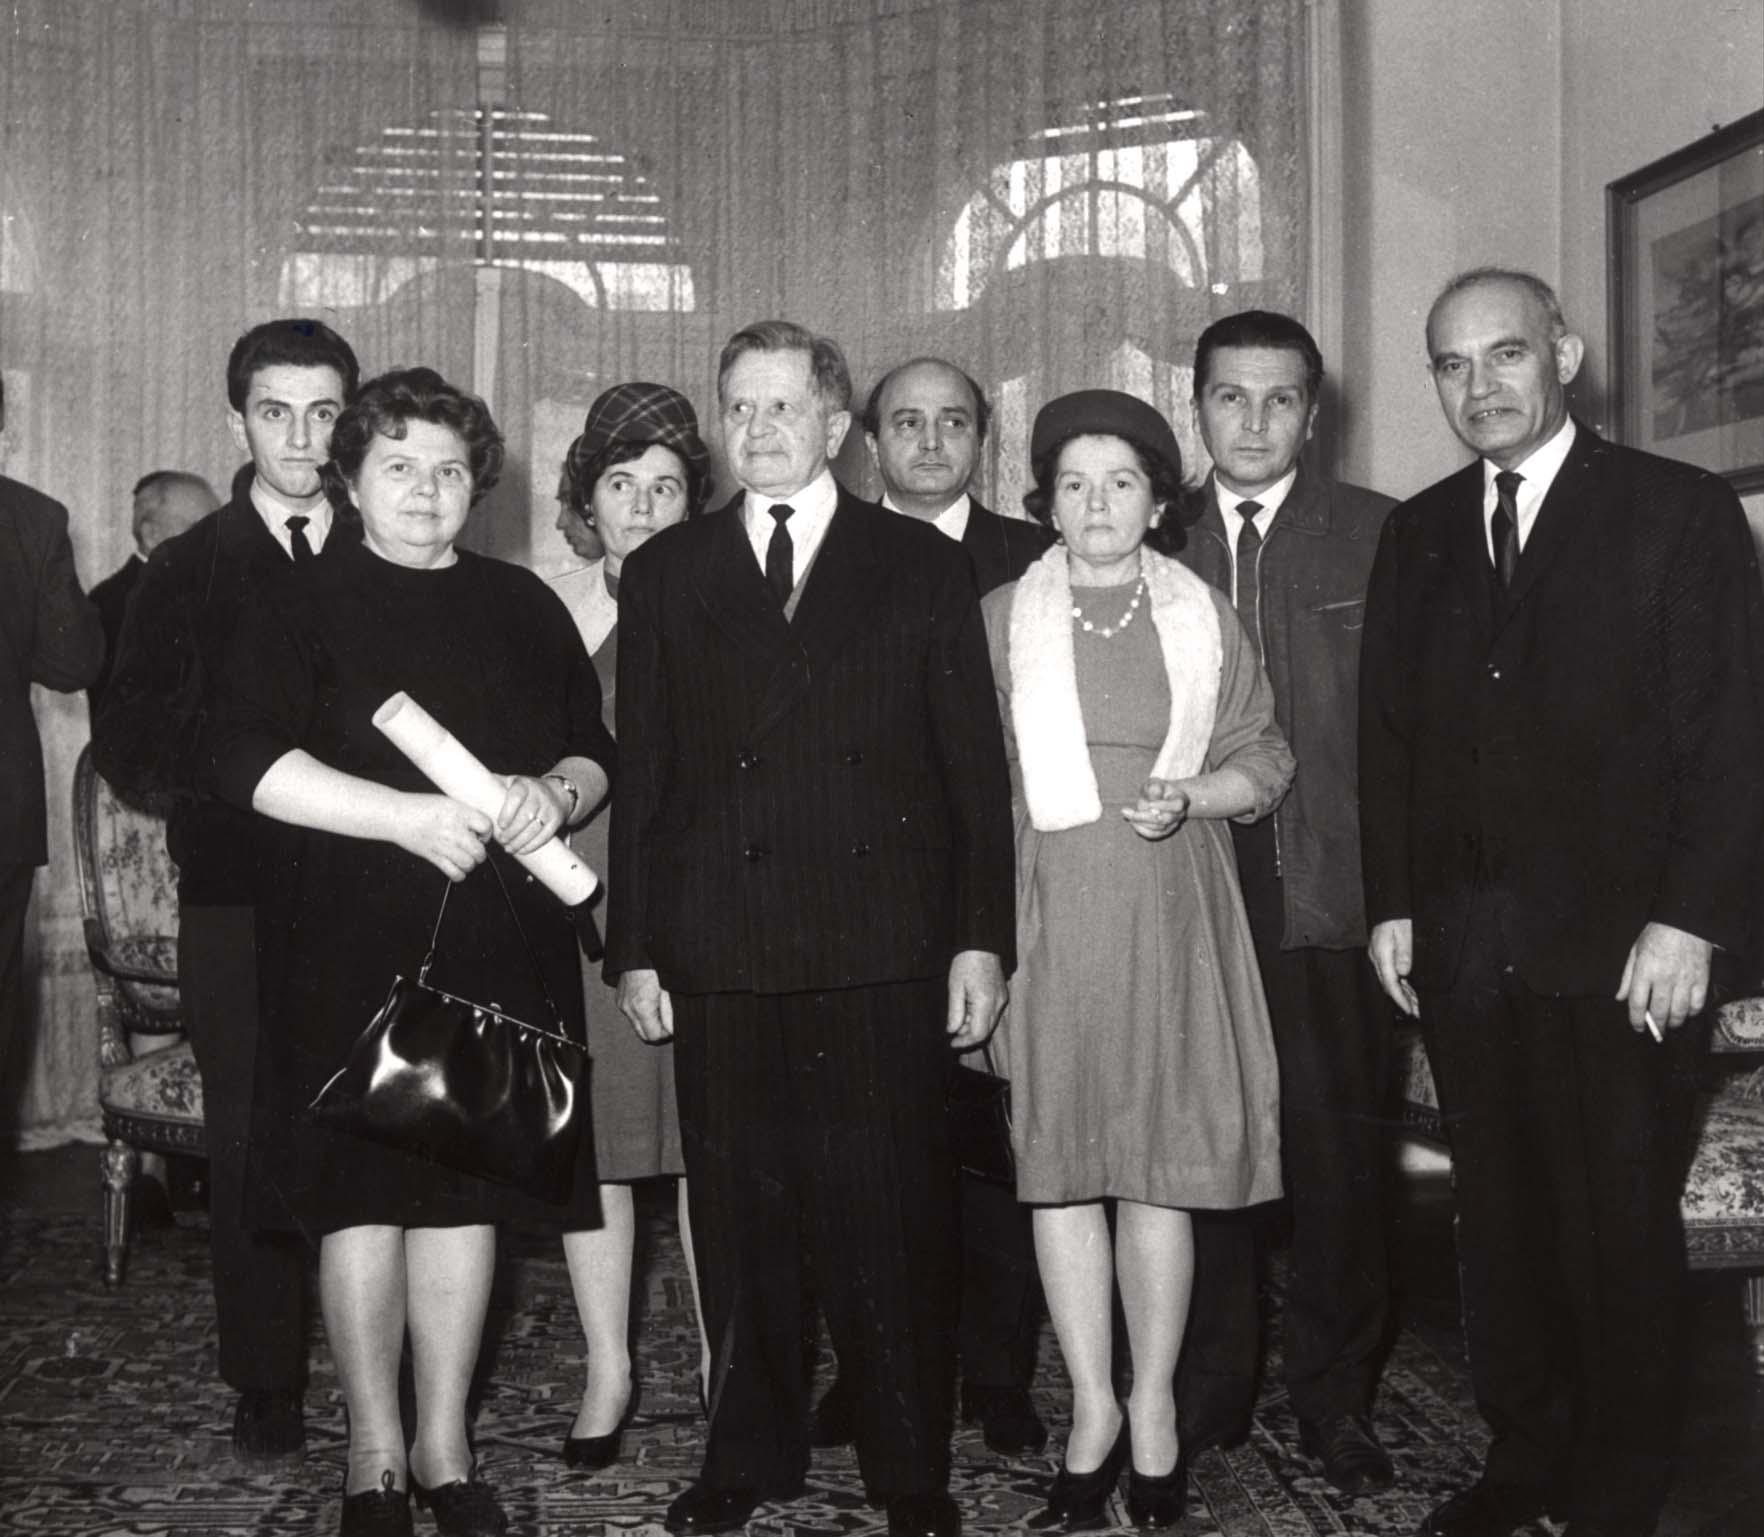 Ceremony in honor of Vilmos Nagybaczoni